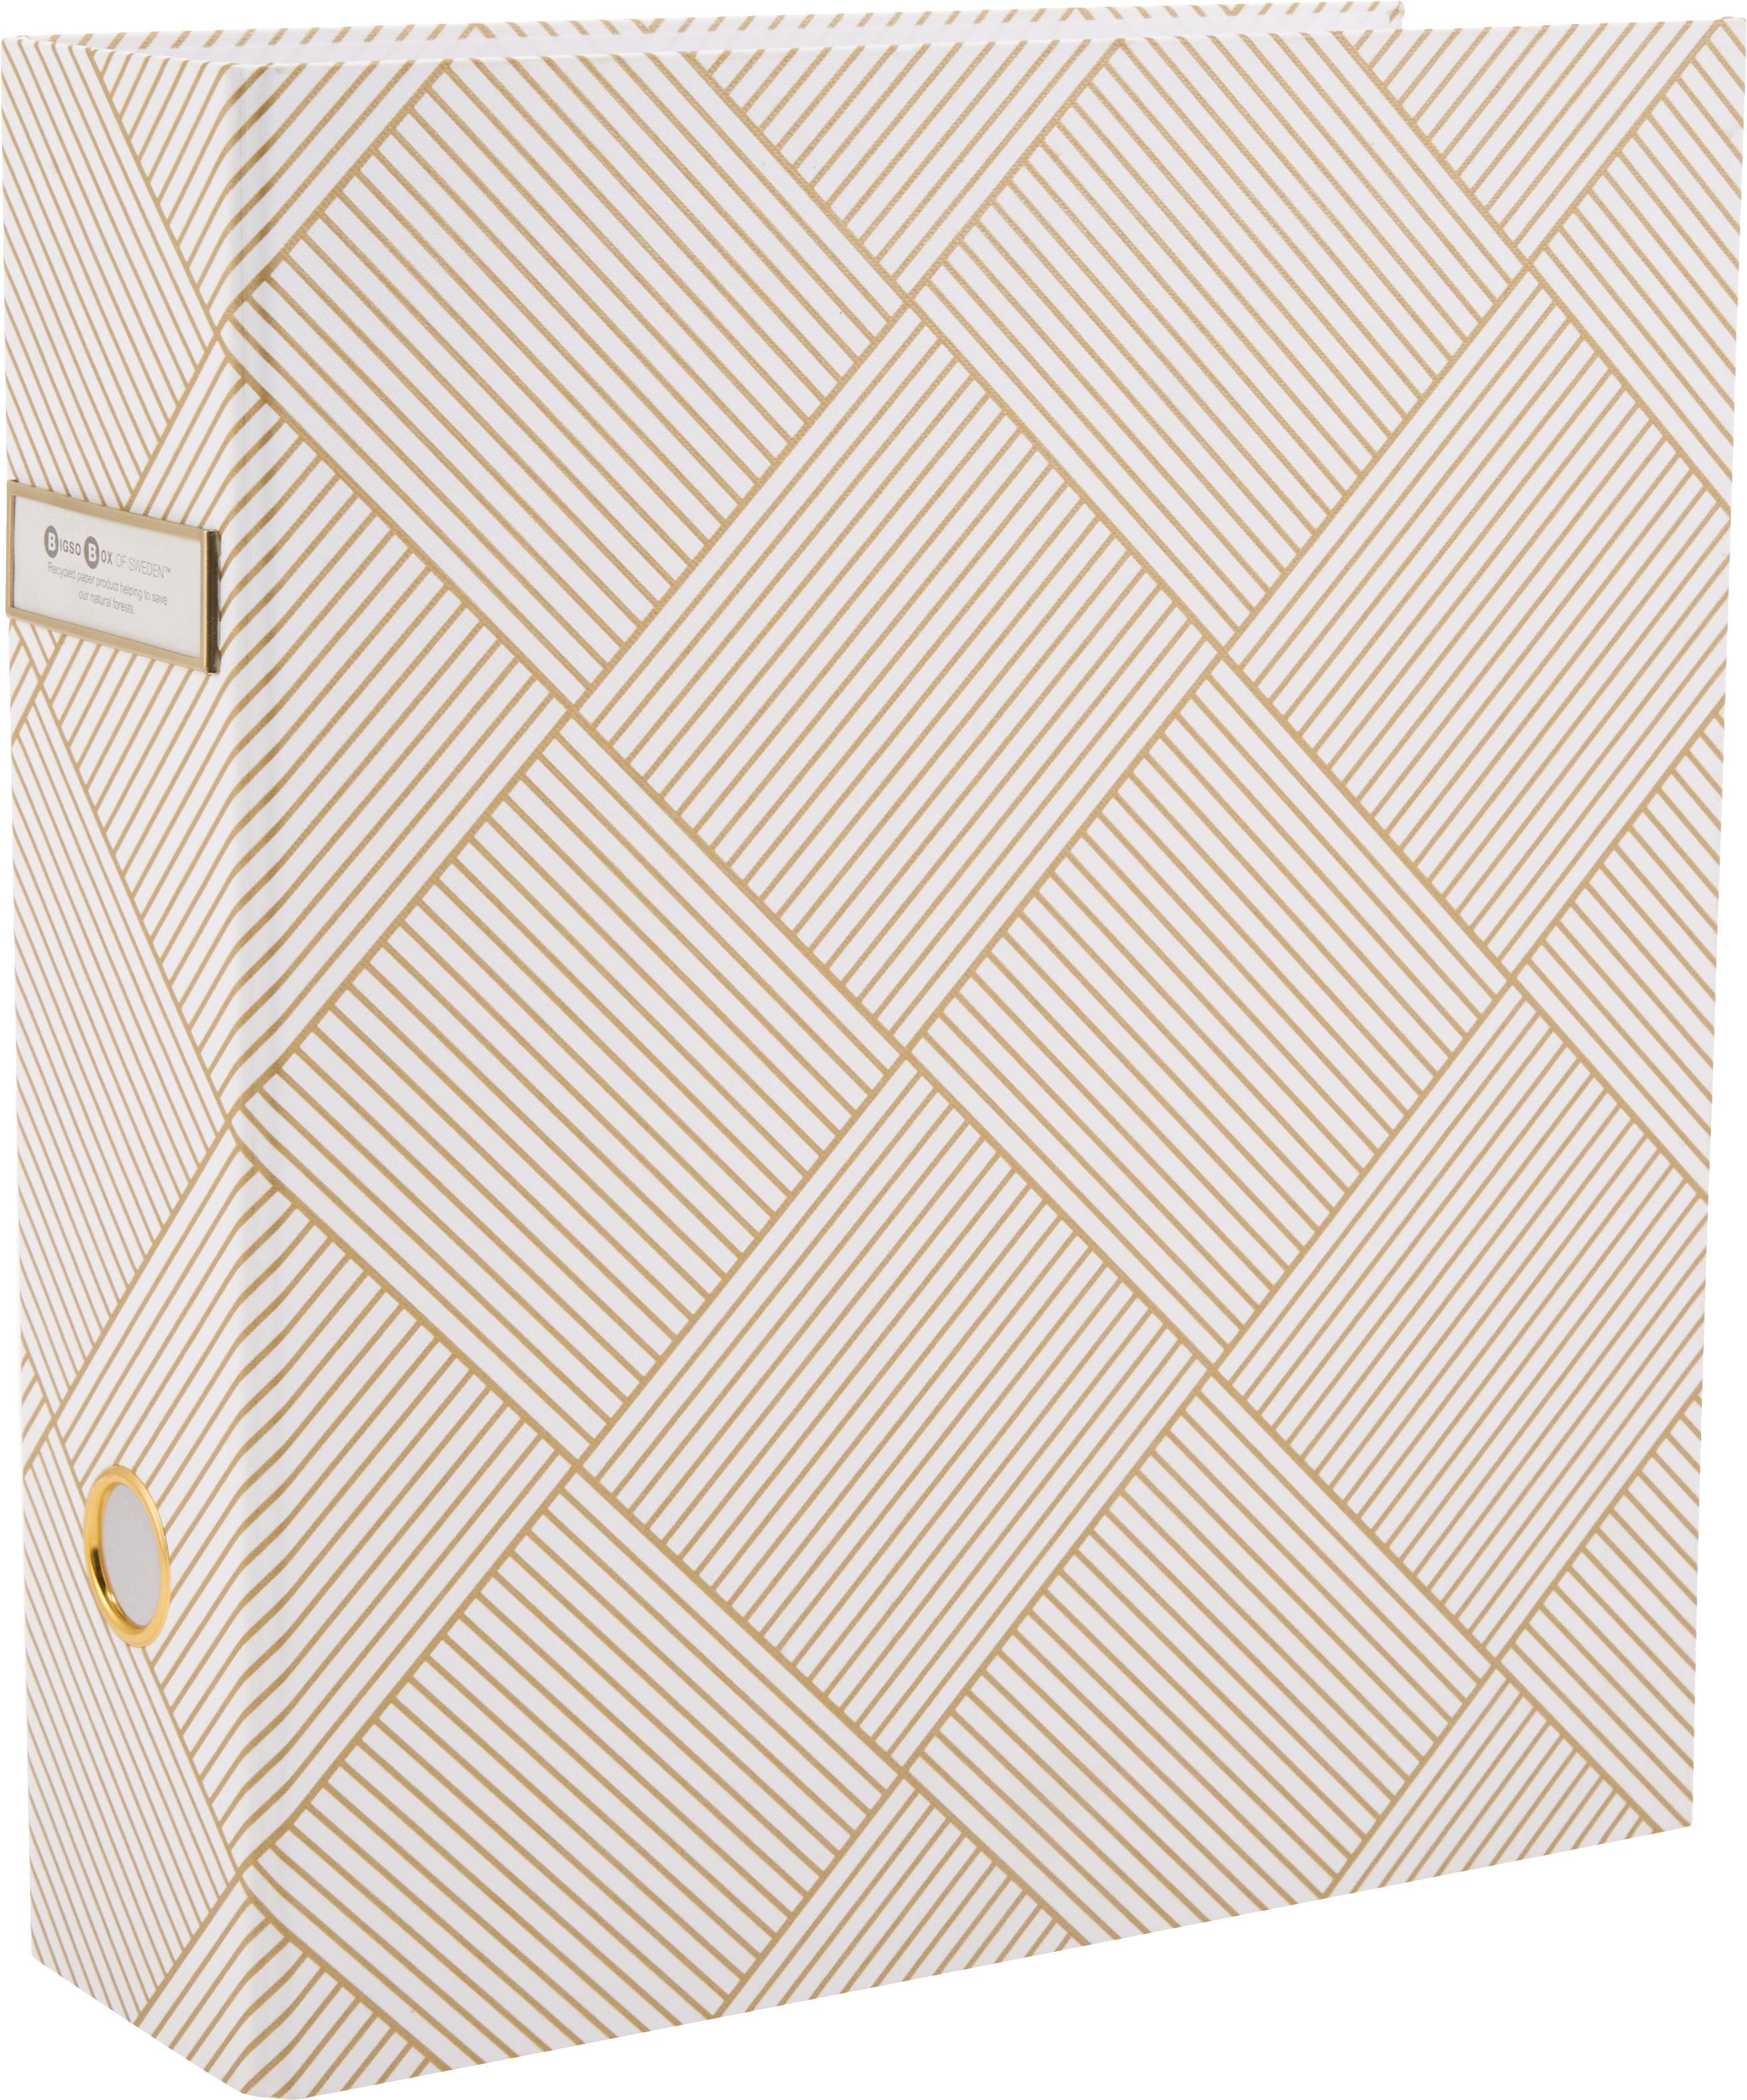 Archivador de documentos Archie, Dorado, blanco, An 29 x Al 32 cm